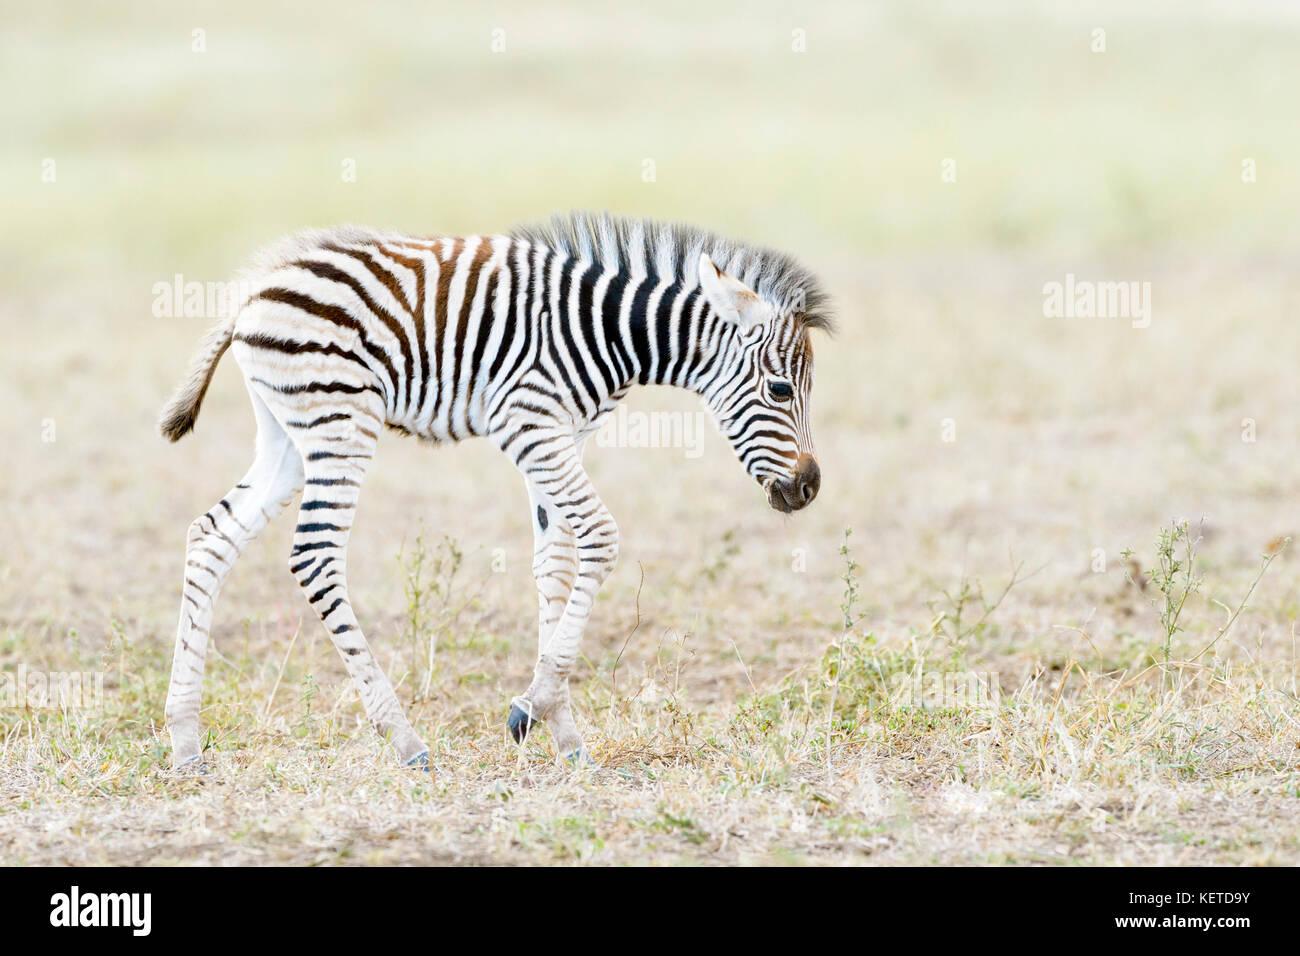 Zèbre des plaines (Equus quagga) poulain marche sur la savane, le parc national Kruger, Afrique du Sud Photo Stock